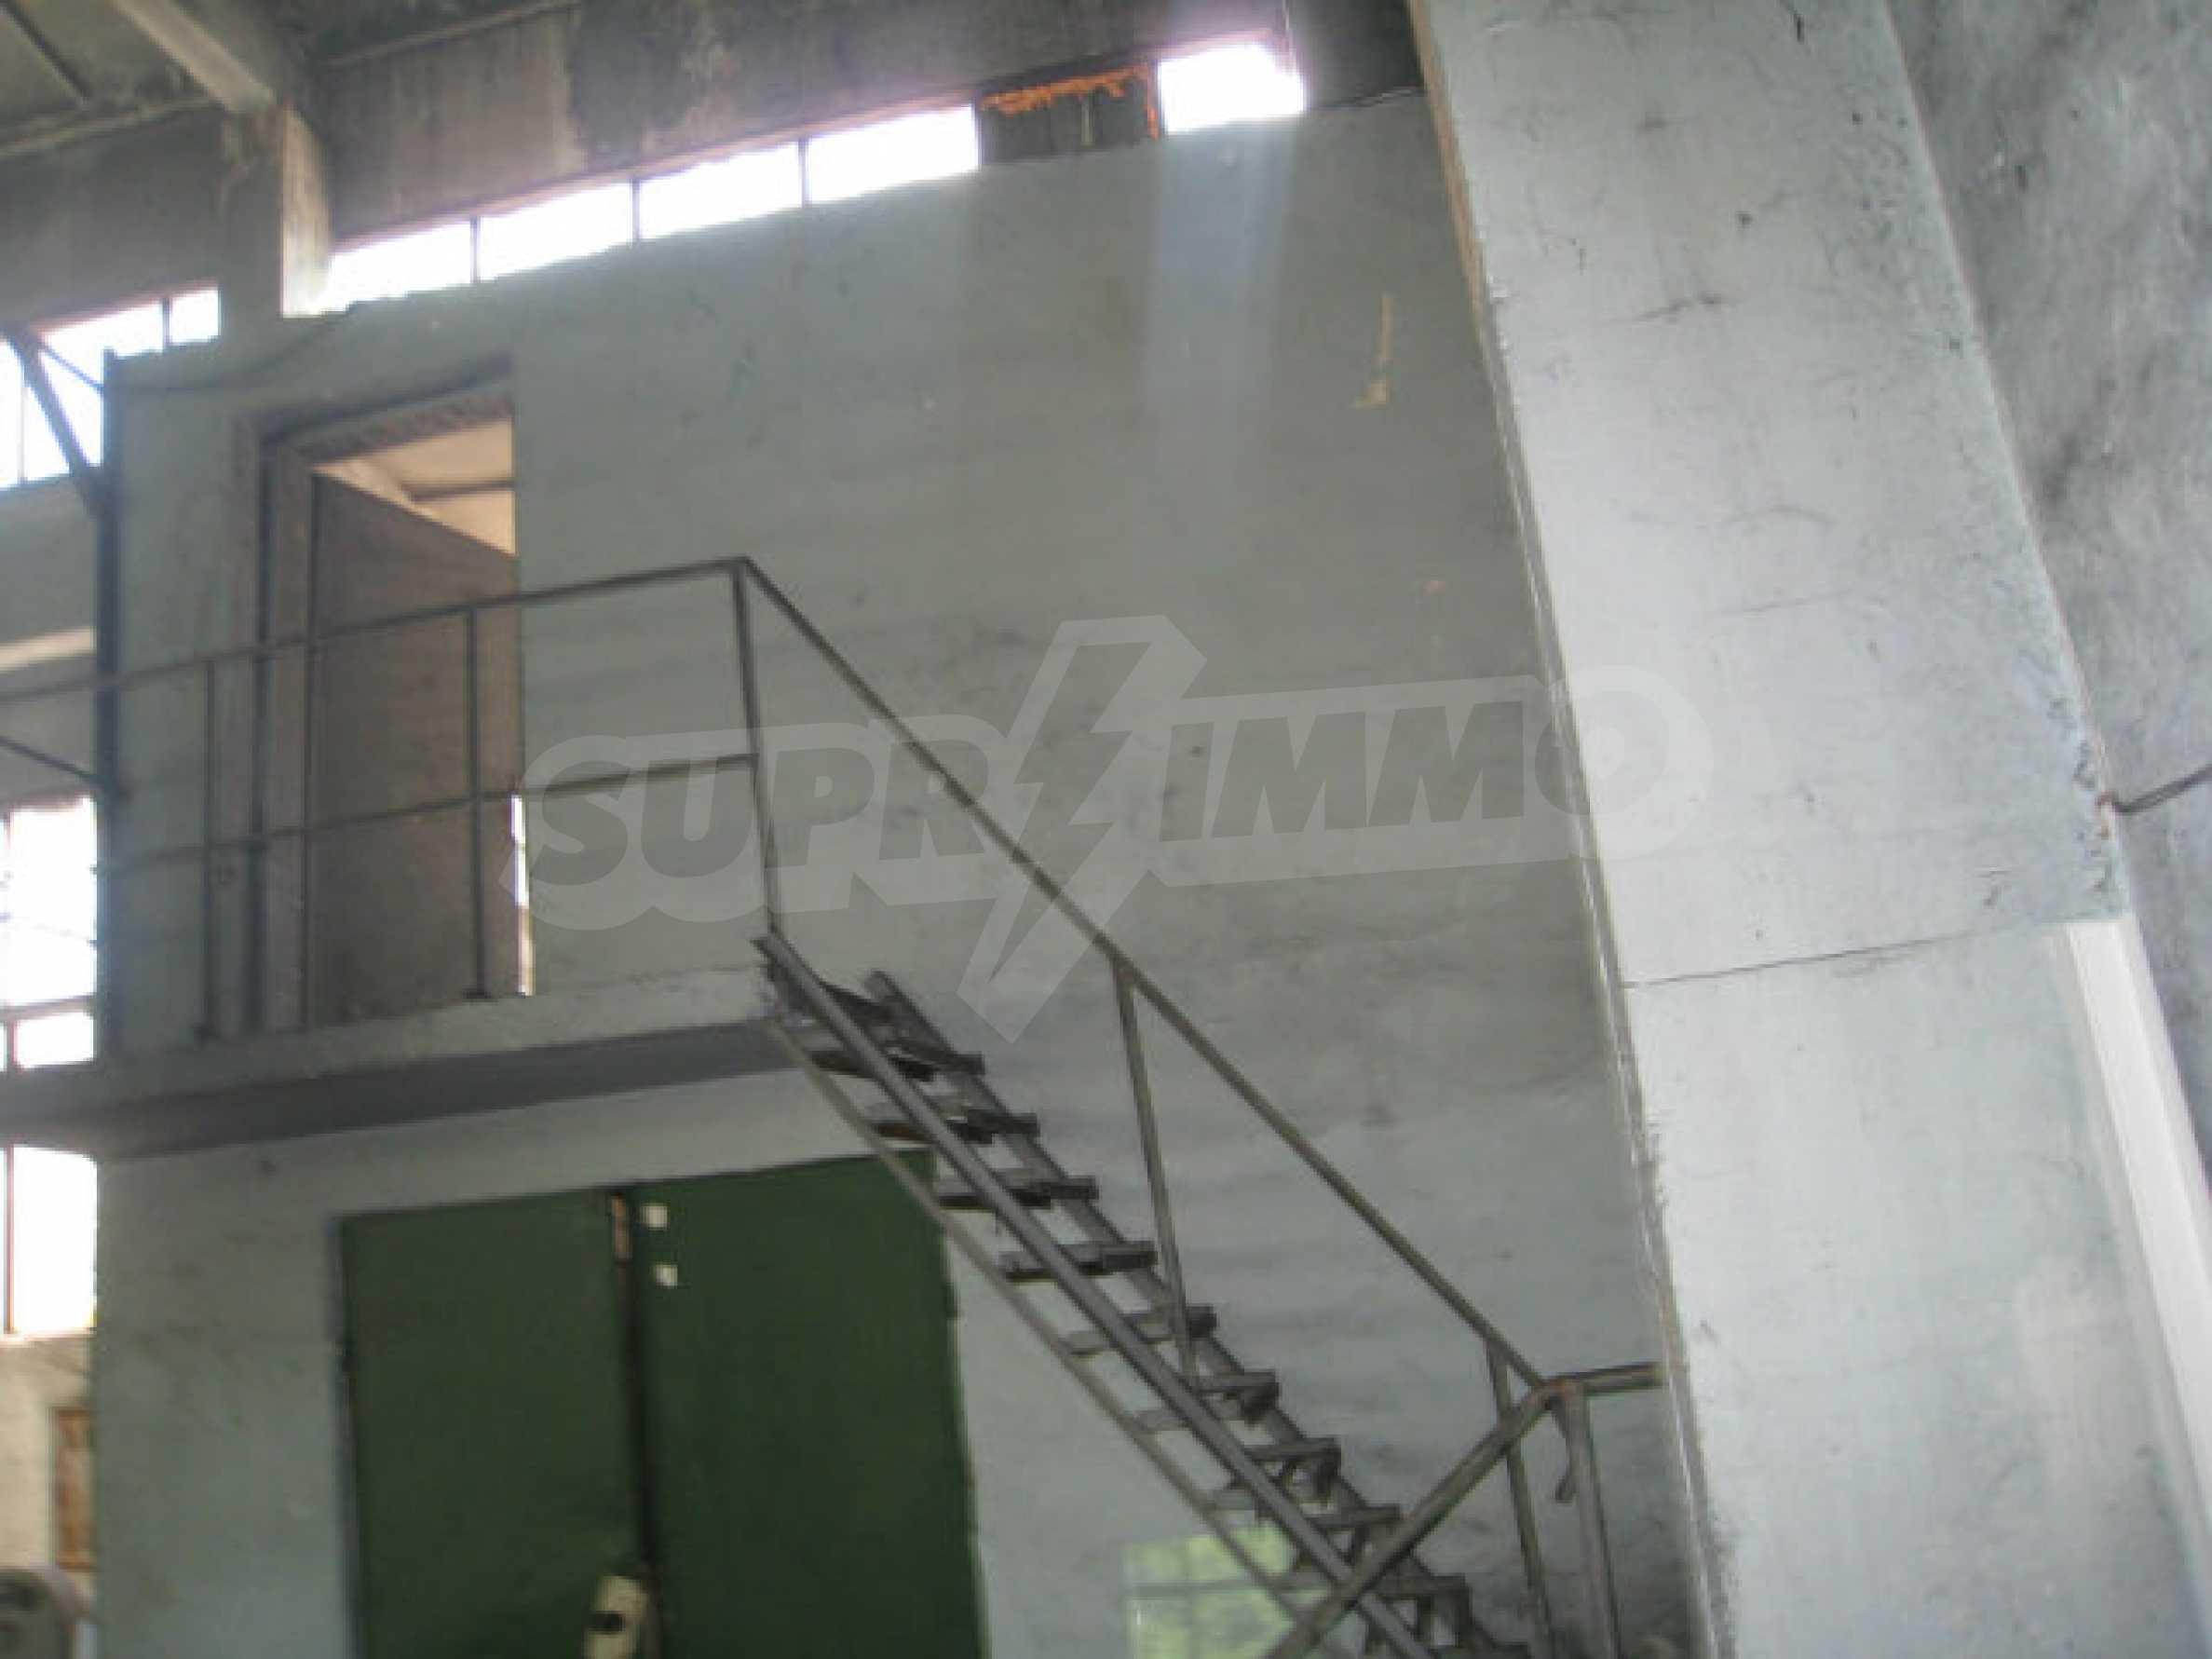 Produktionsgebäude mit Dienstleistungs- und Verwaltungsgebäude in der Nähe von Monatan 14